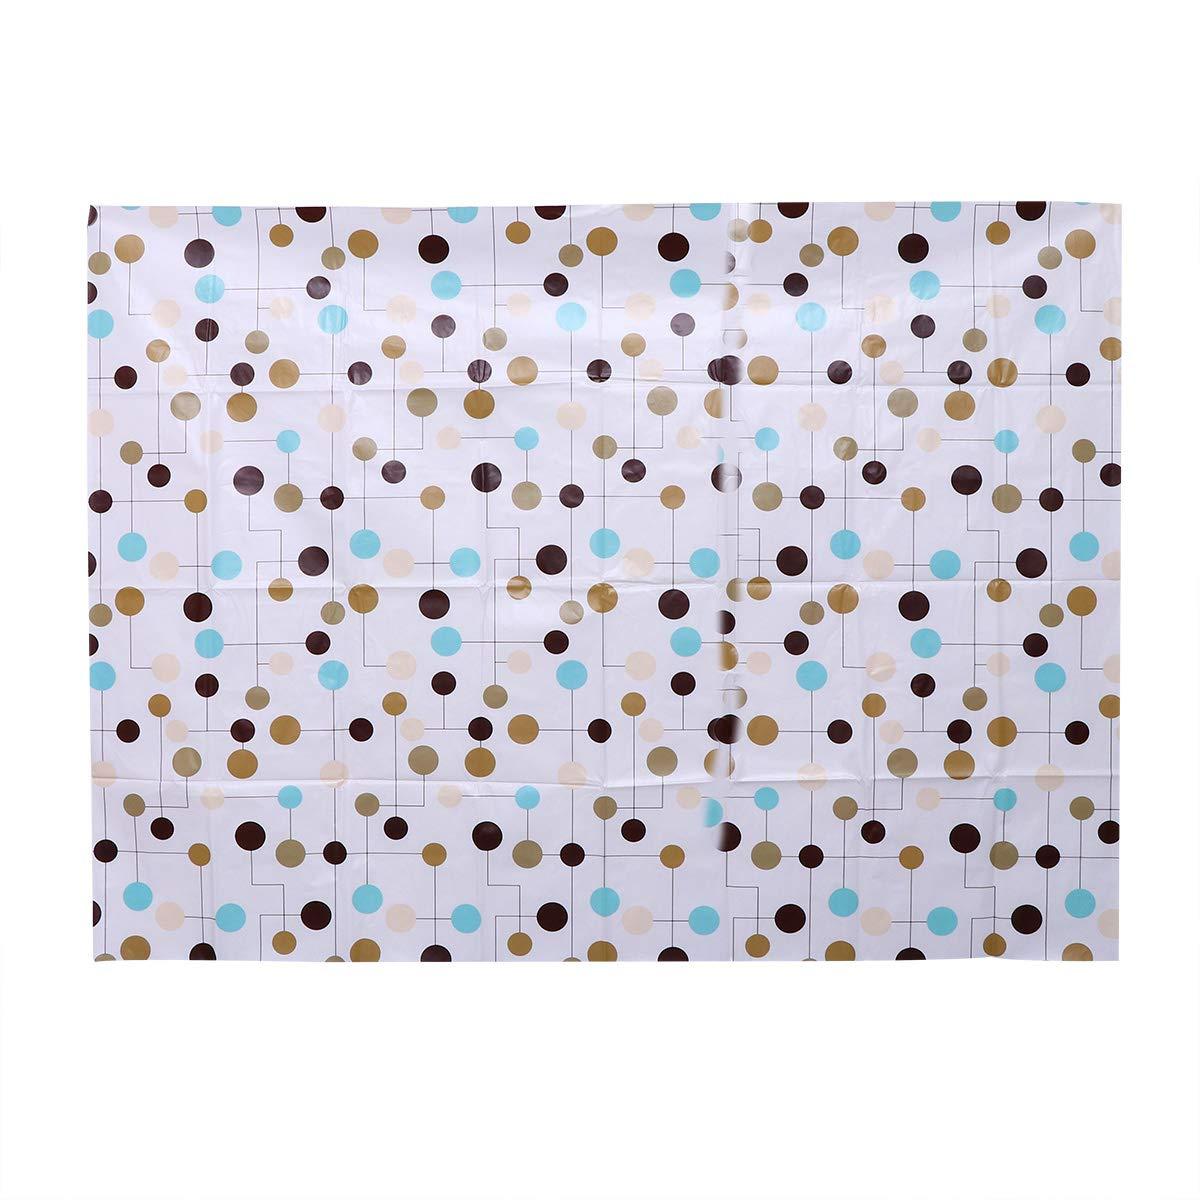 Yardwe Cubierta de Tabla Impermeable del rectángulo del Mantel plástico Impreso Punto de la Onda para la decoración casera de la Cocina